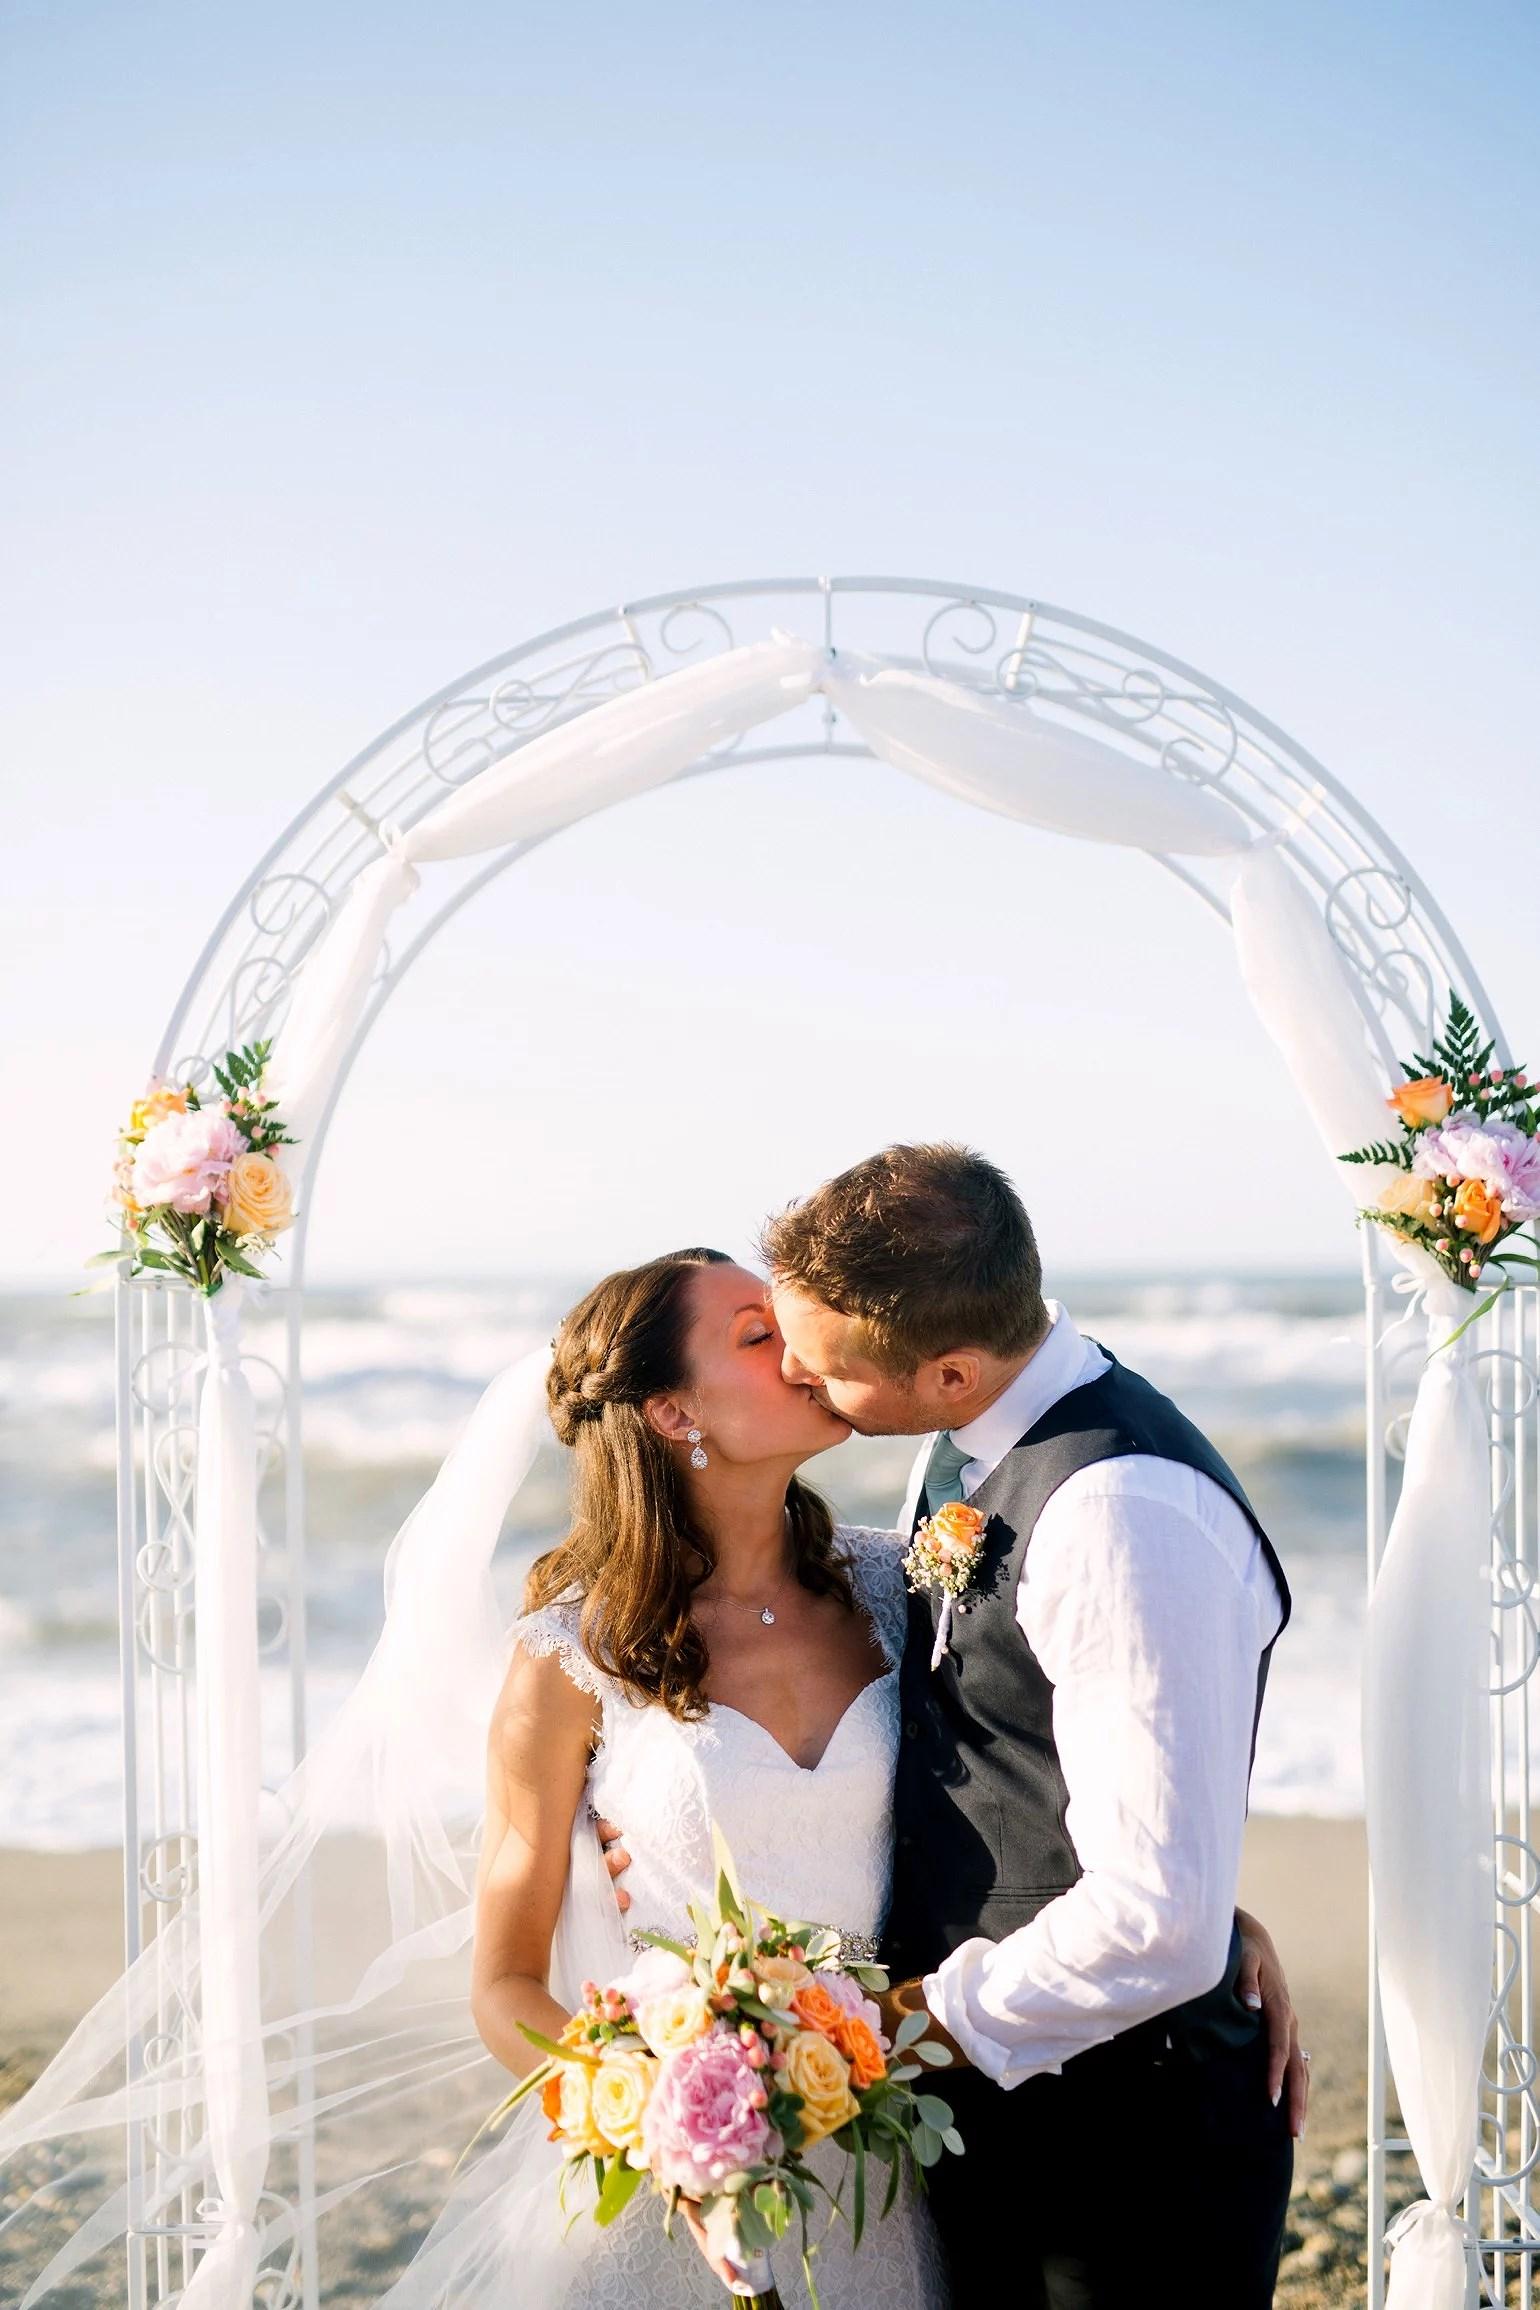 Bomullsbröllop